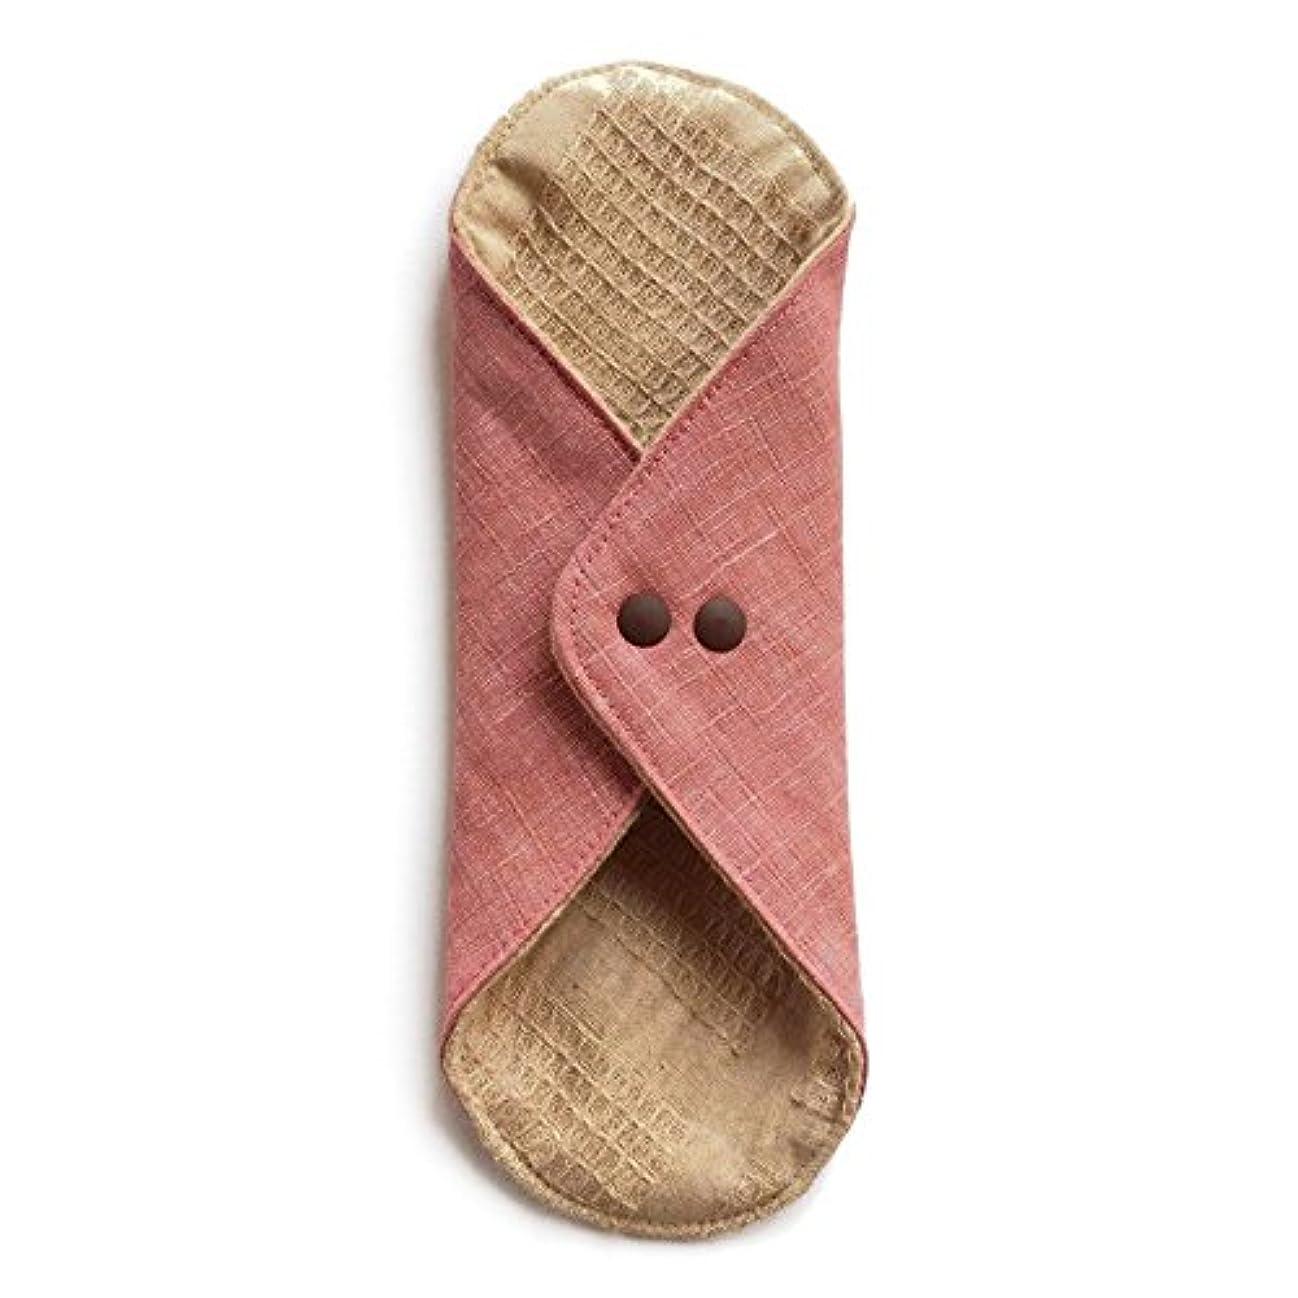 文芸決定するに対応する華布のオーガニックコットンのあたため布 Lサイズ (約18×約20.5×約0.5cm) 彩り(桃)